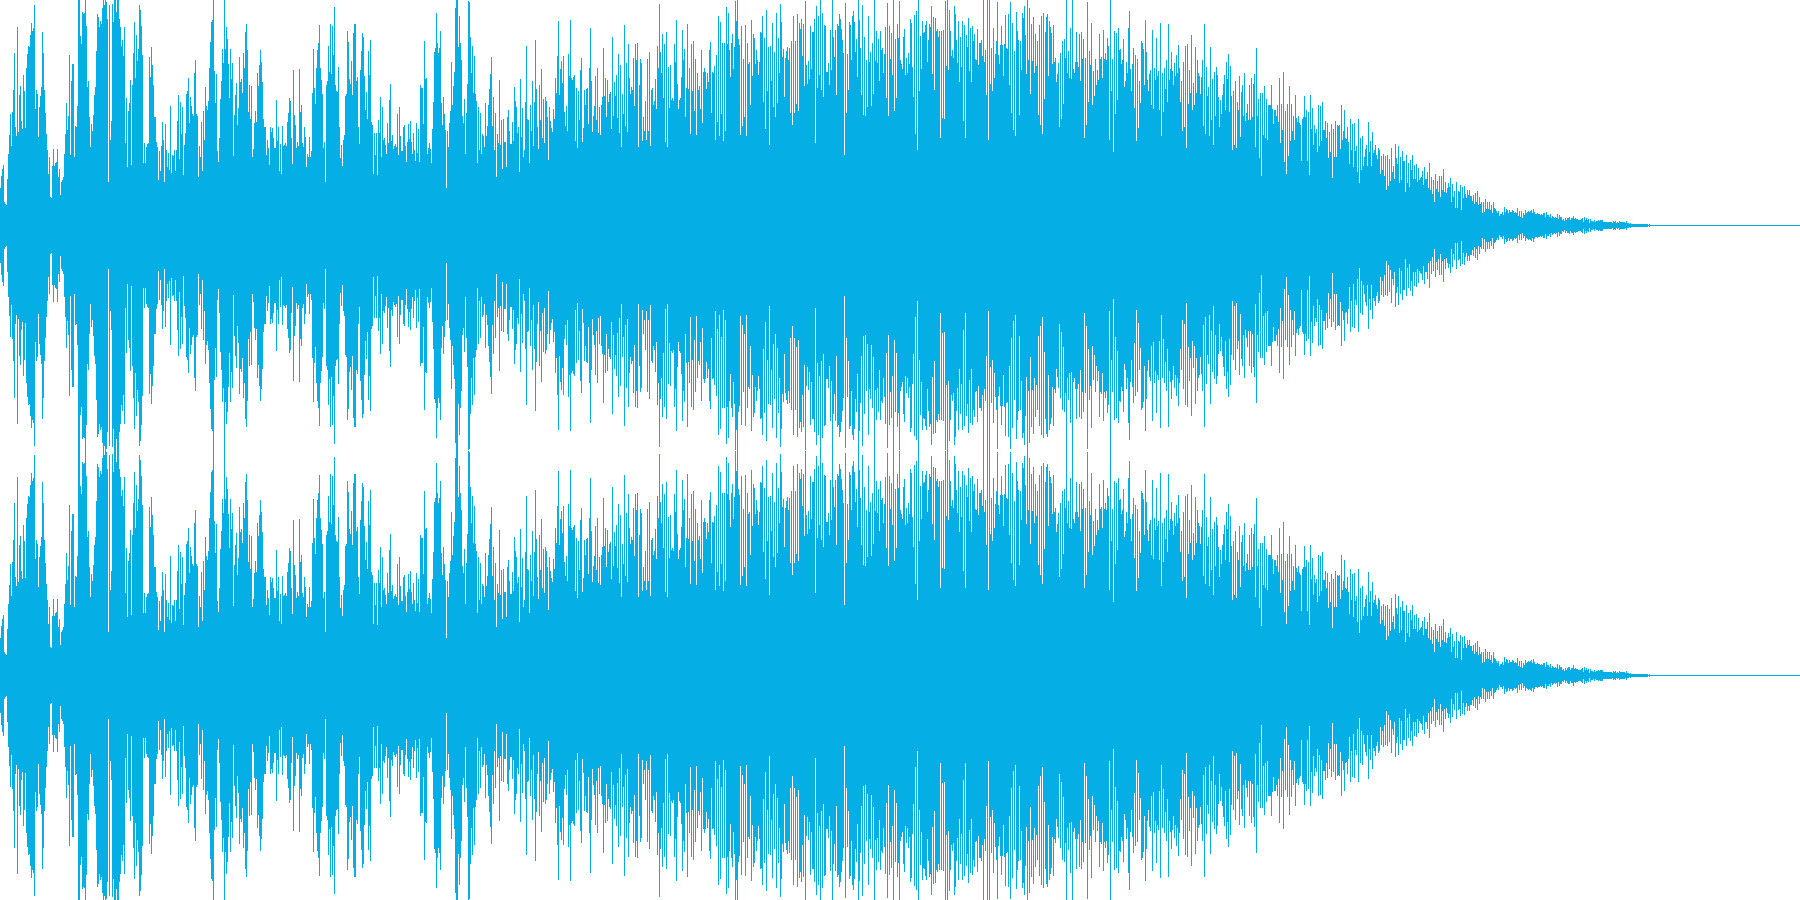 アナログドラム風「選択」「決定」音の再生済みの波形